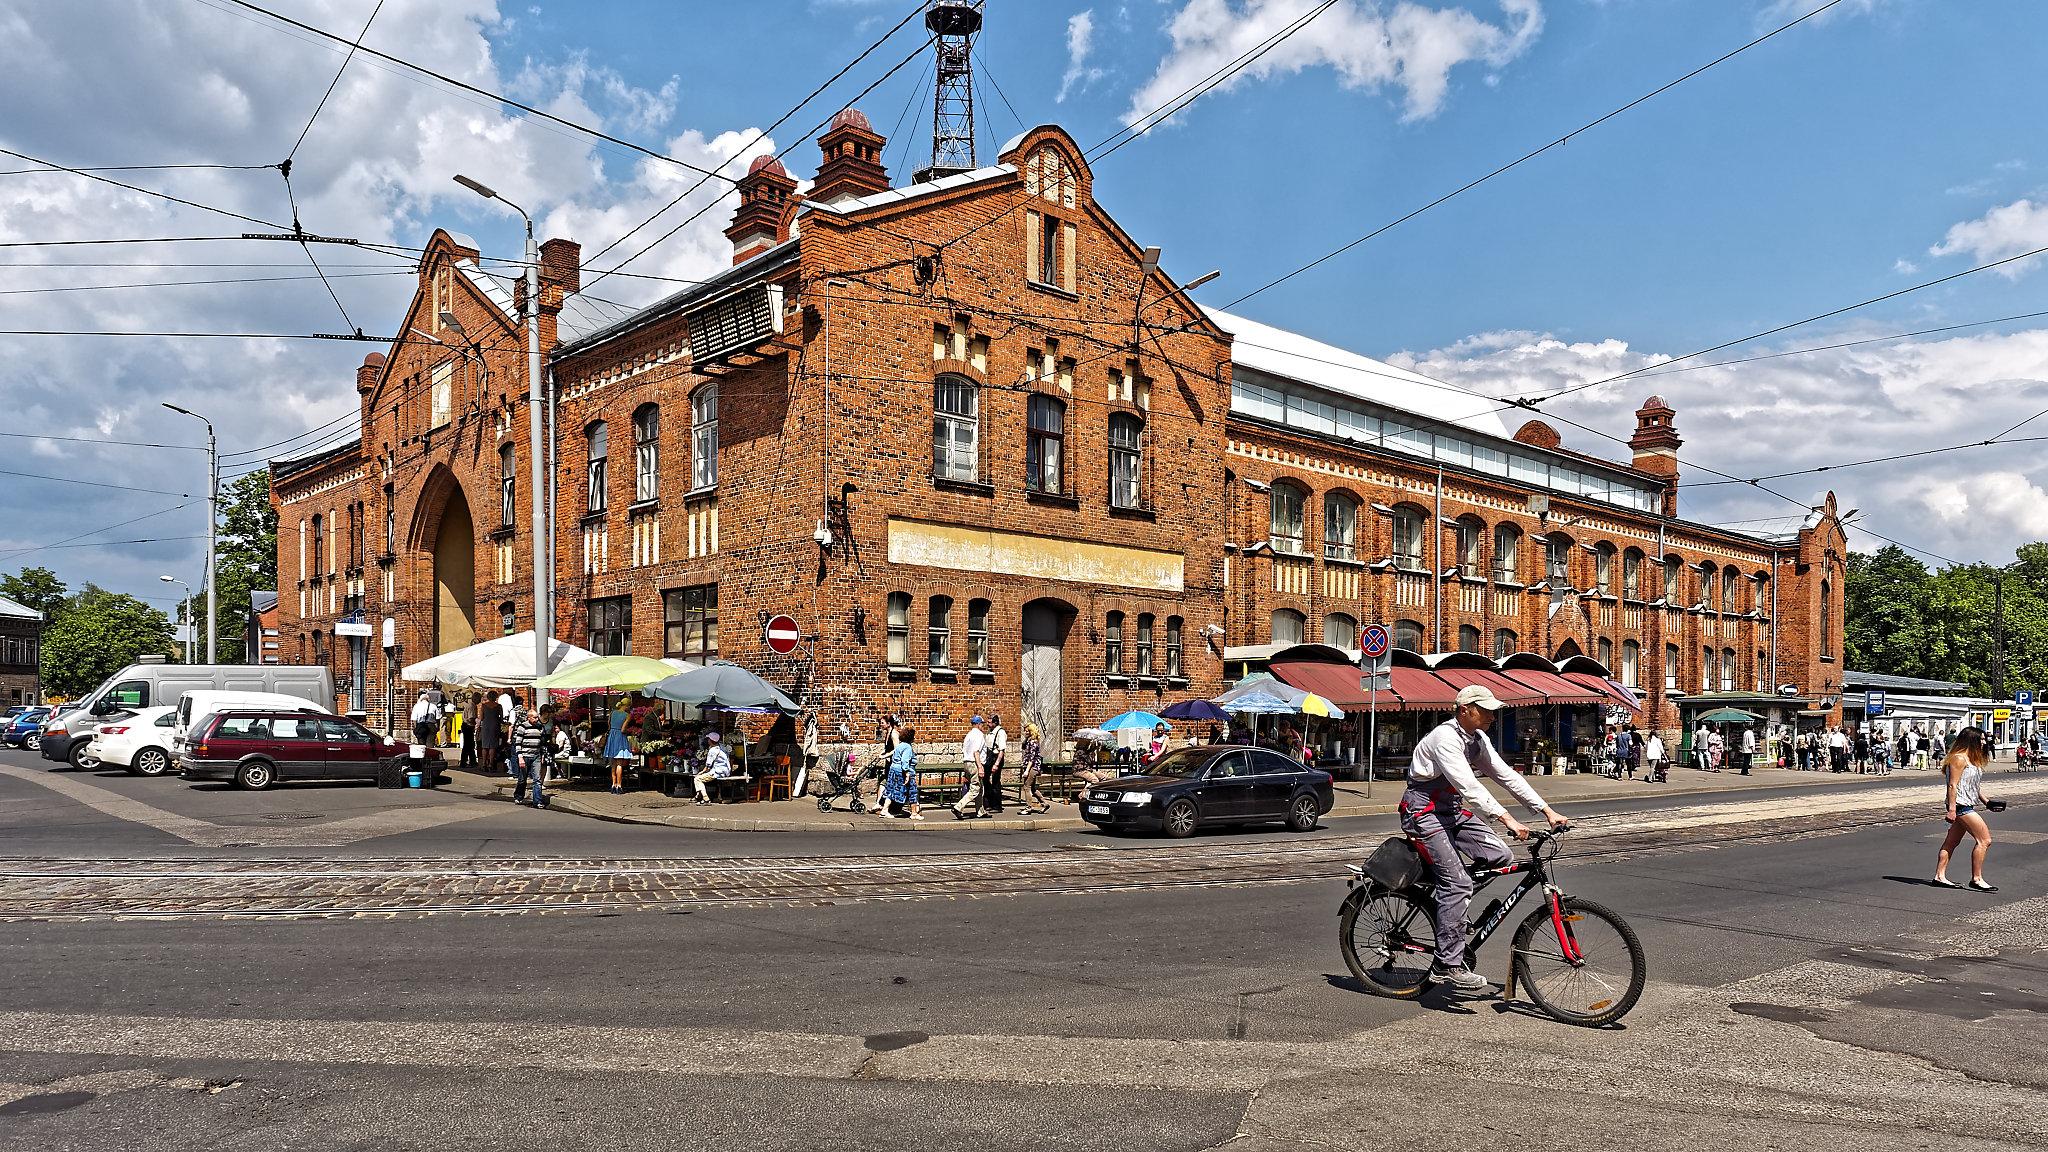 Bild: Der Markt von Āgenskalns in Rīga.